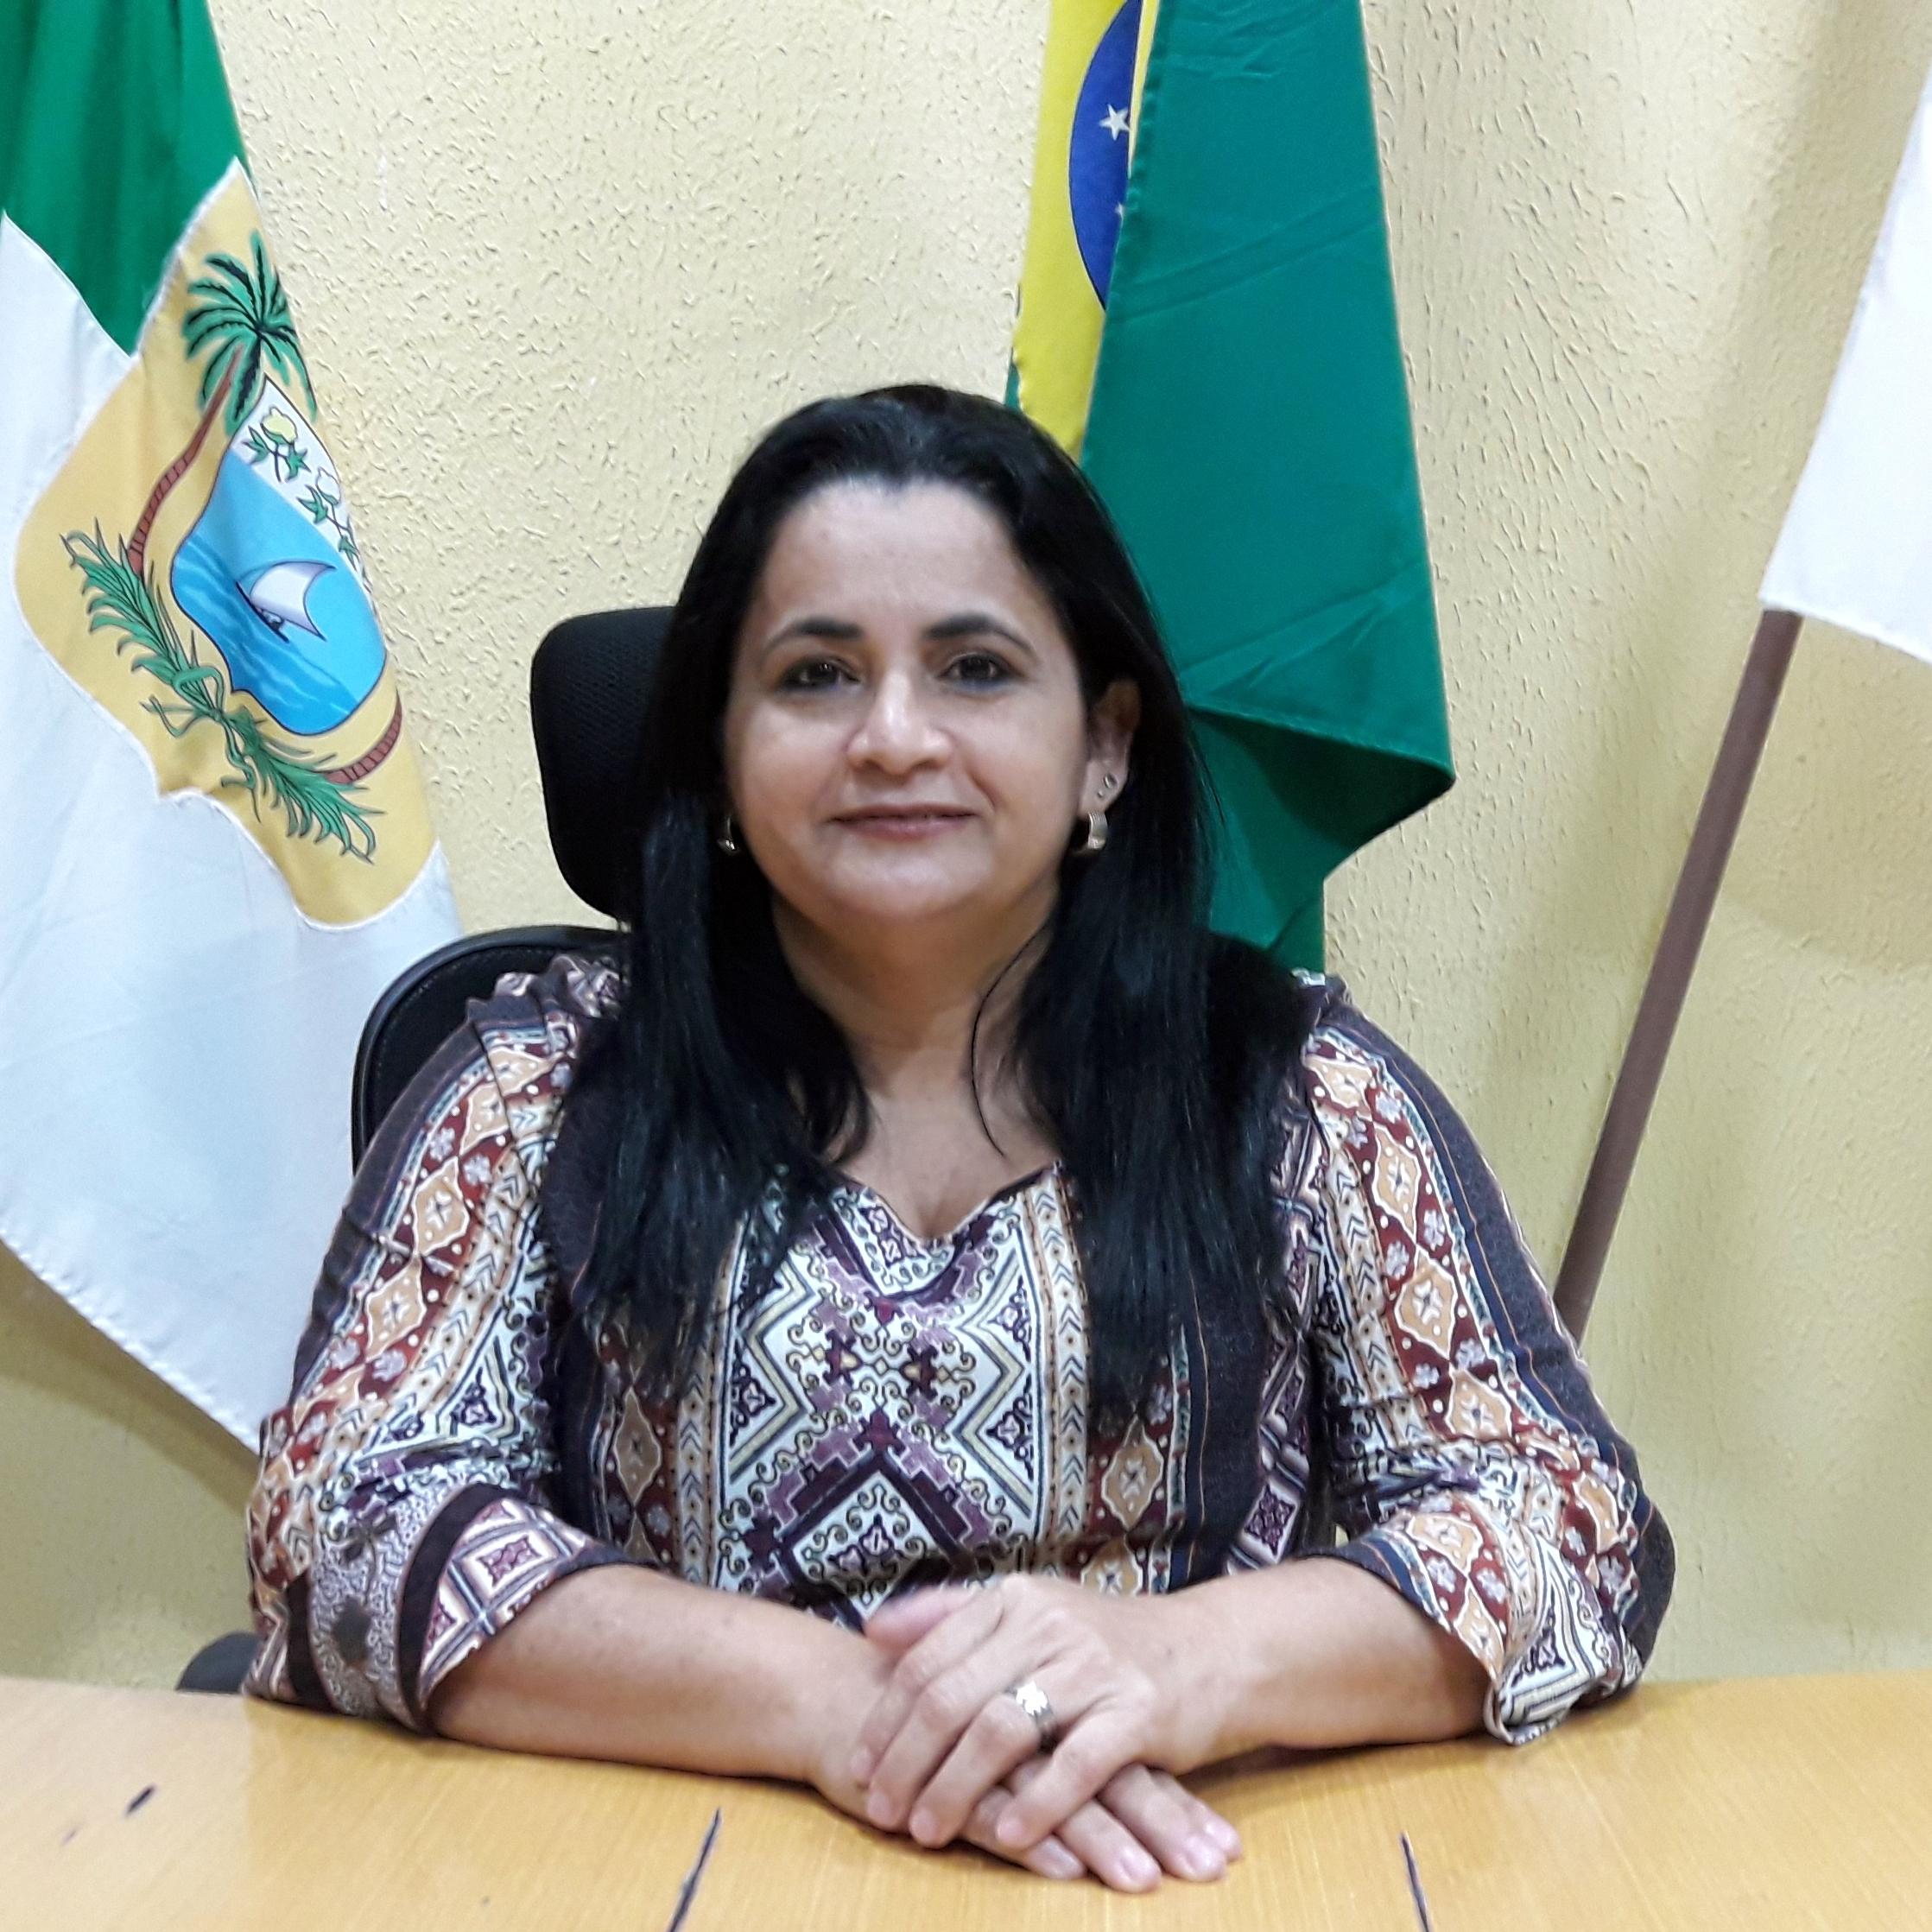 Anacelia Freitas do Nascimento